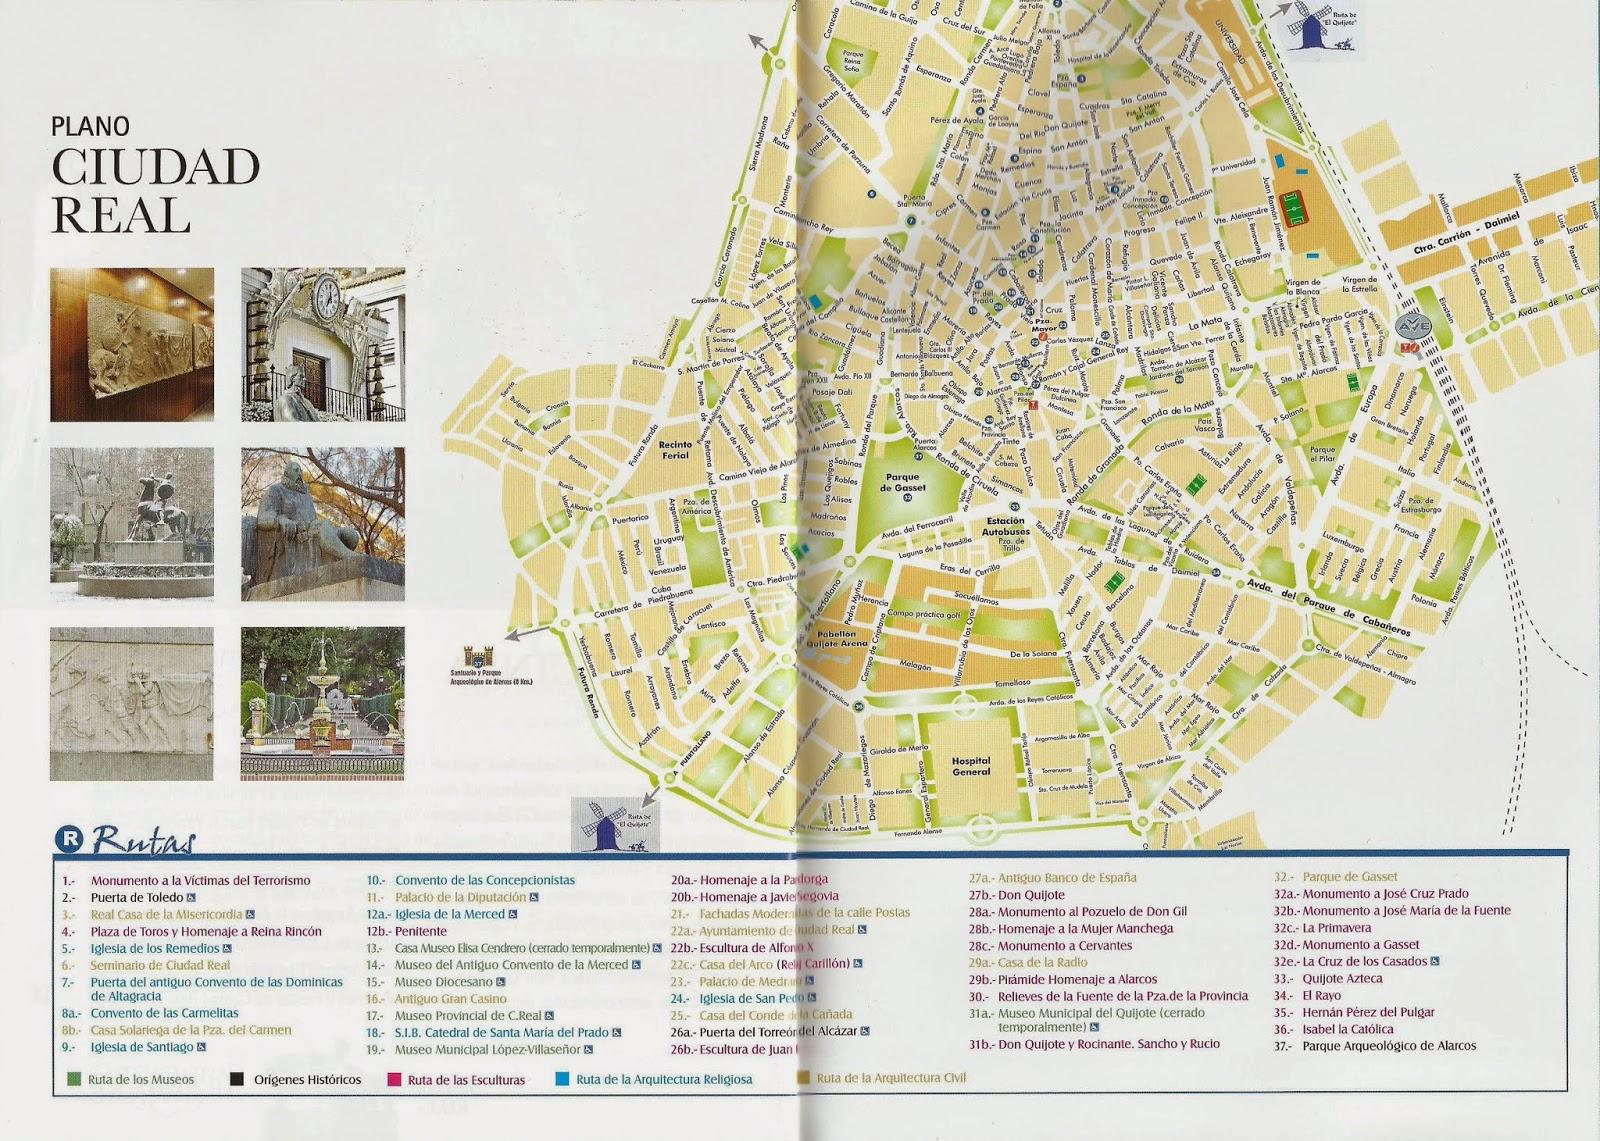 El sayon el ayuntamiento de ciudad real publica una gu a - Plano de ciudad real ...